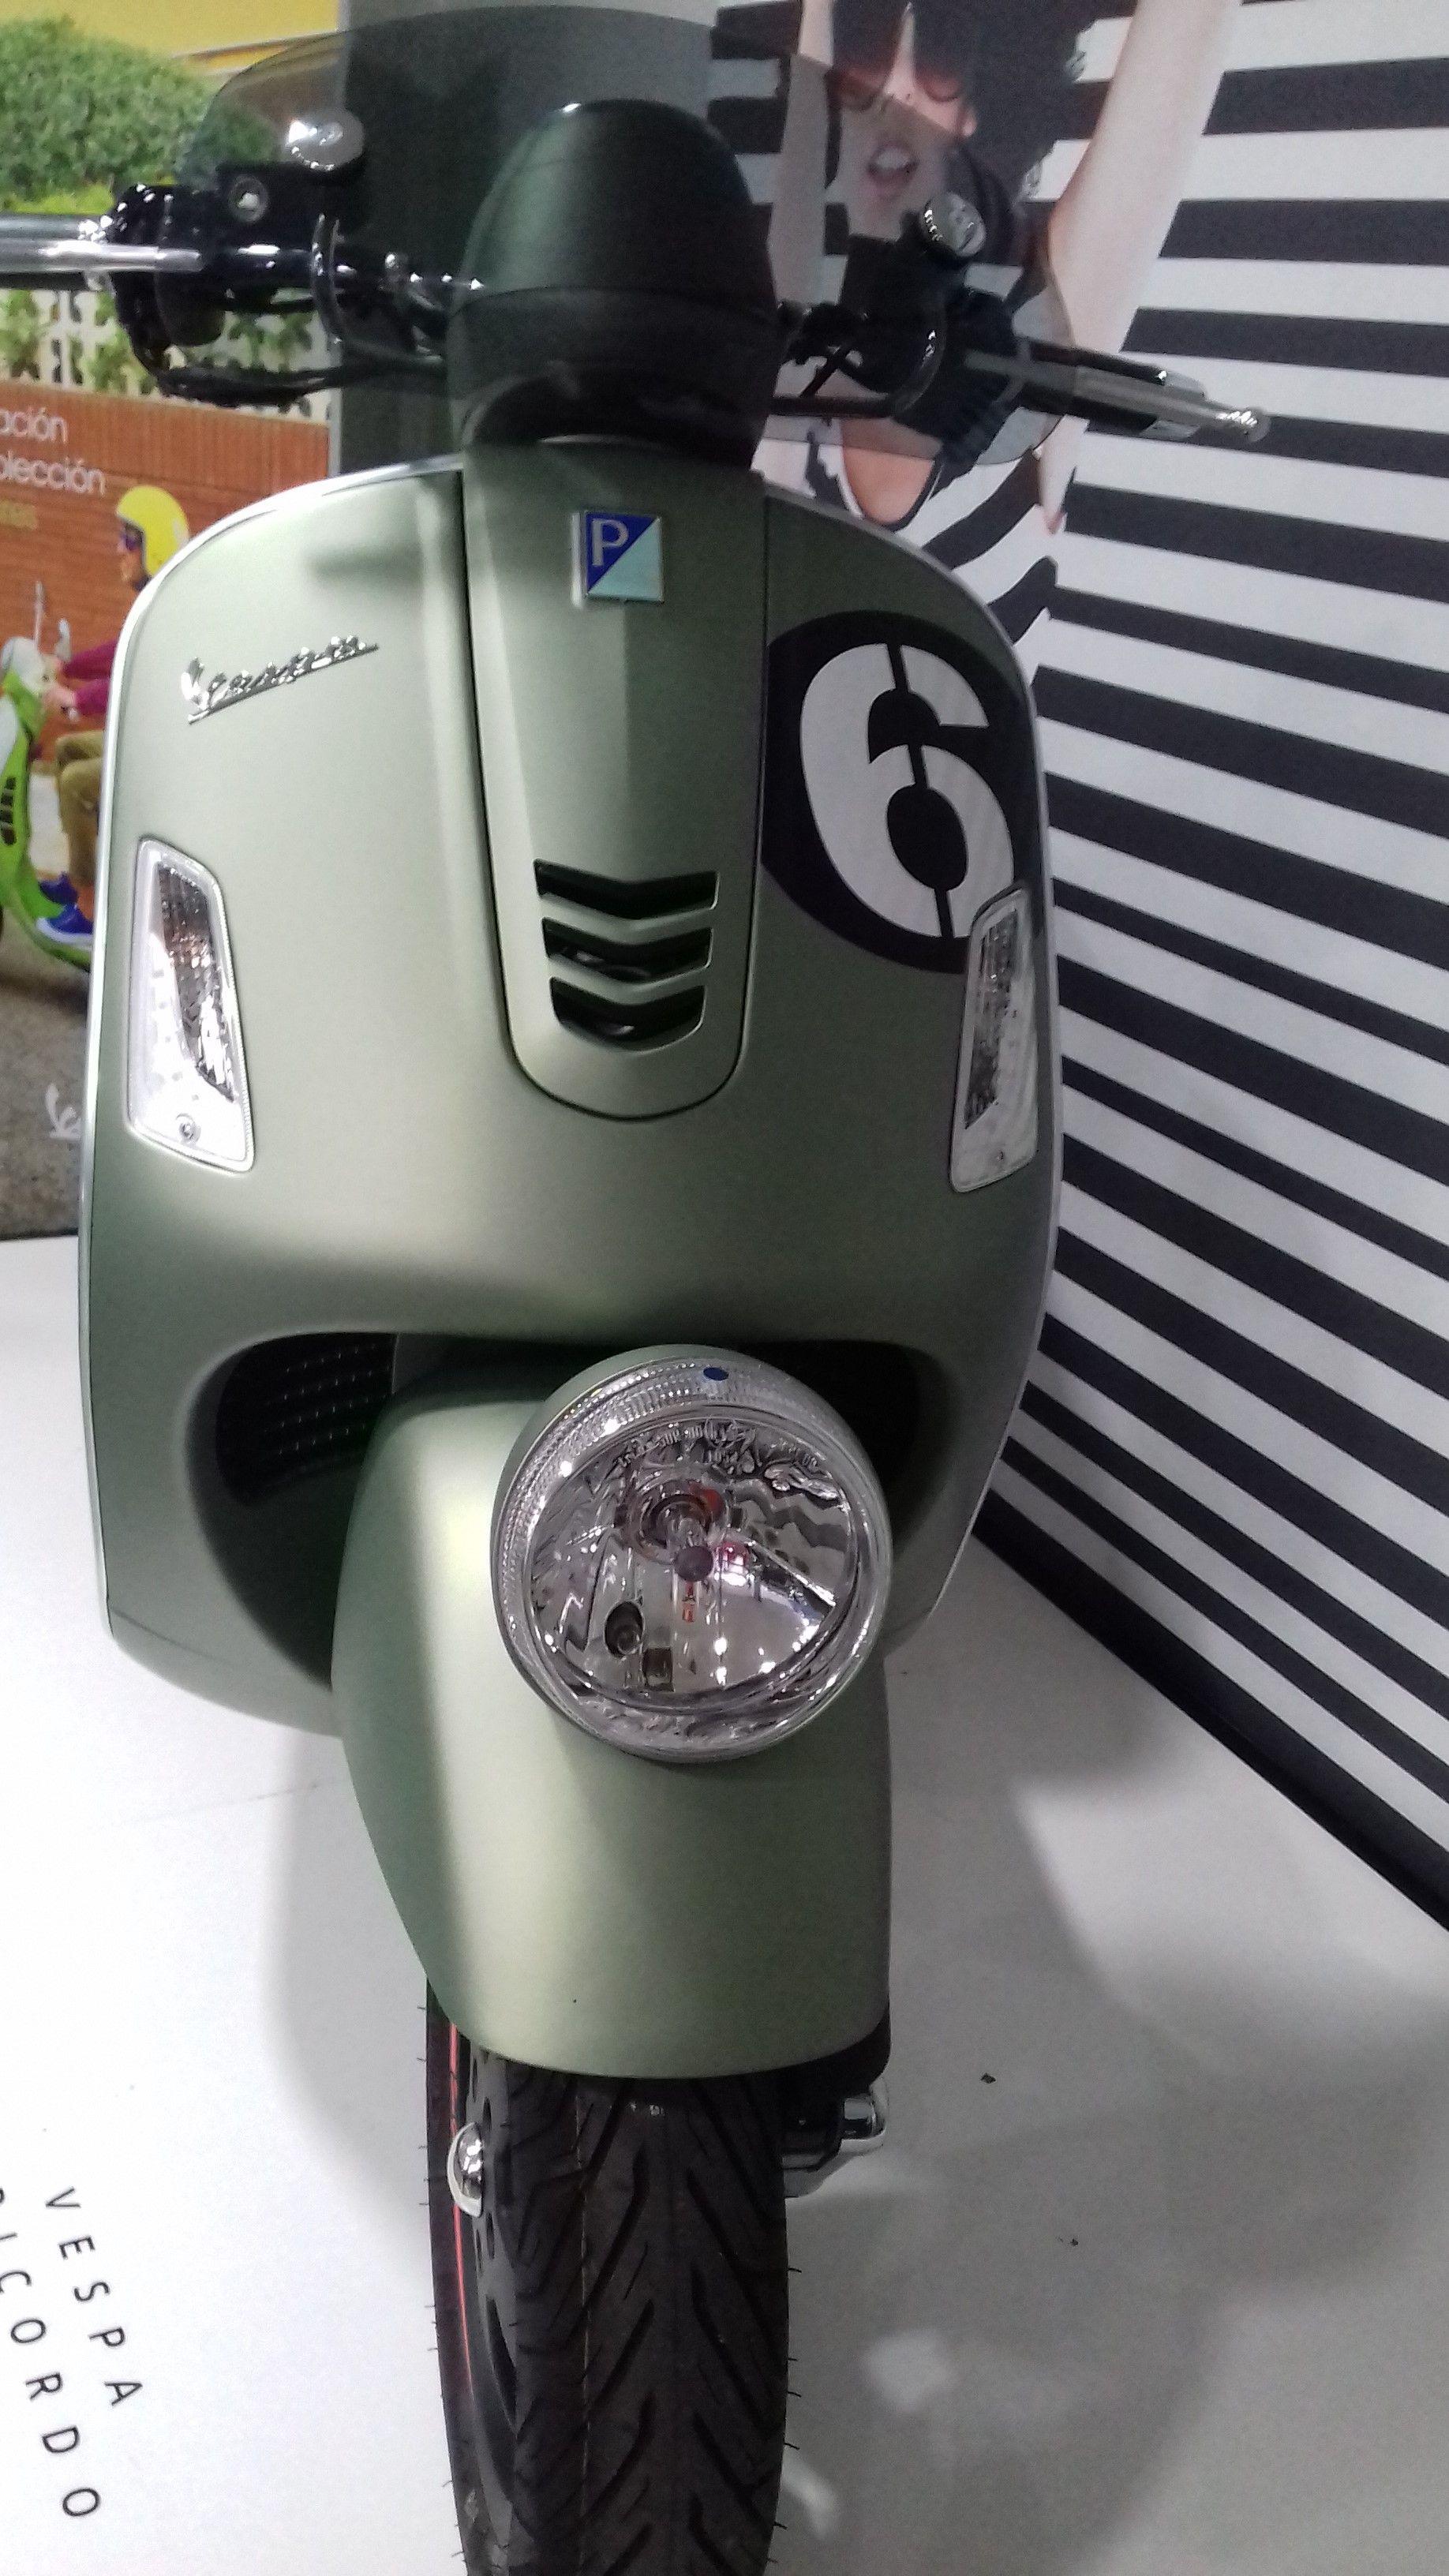 VESPA GTS 300 SEI GIORNI. Edición Especial